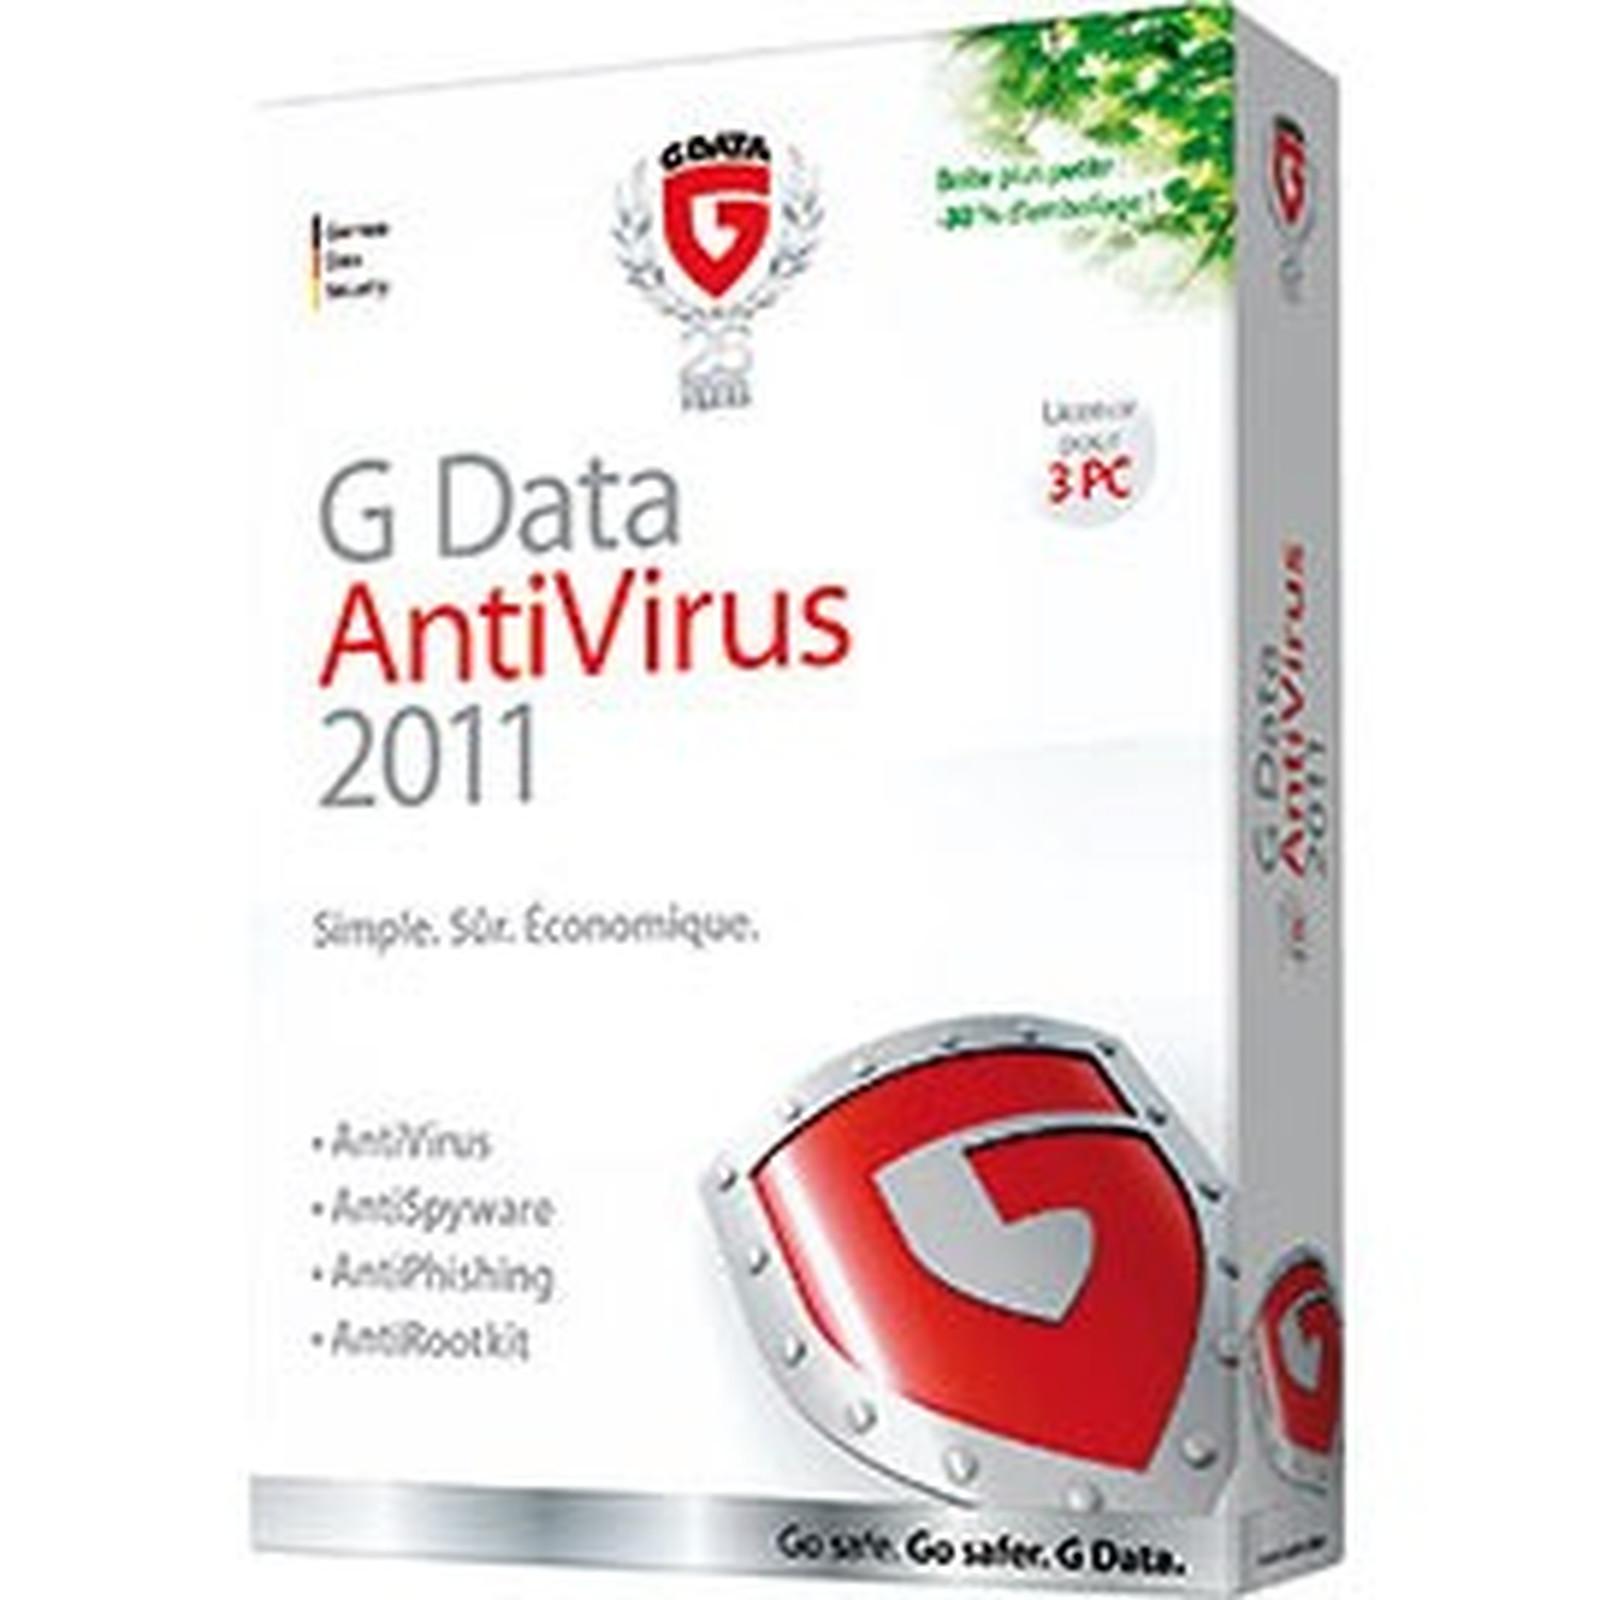 G DATA AntiVirus 2011